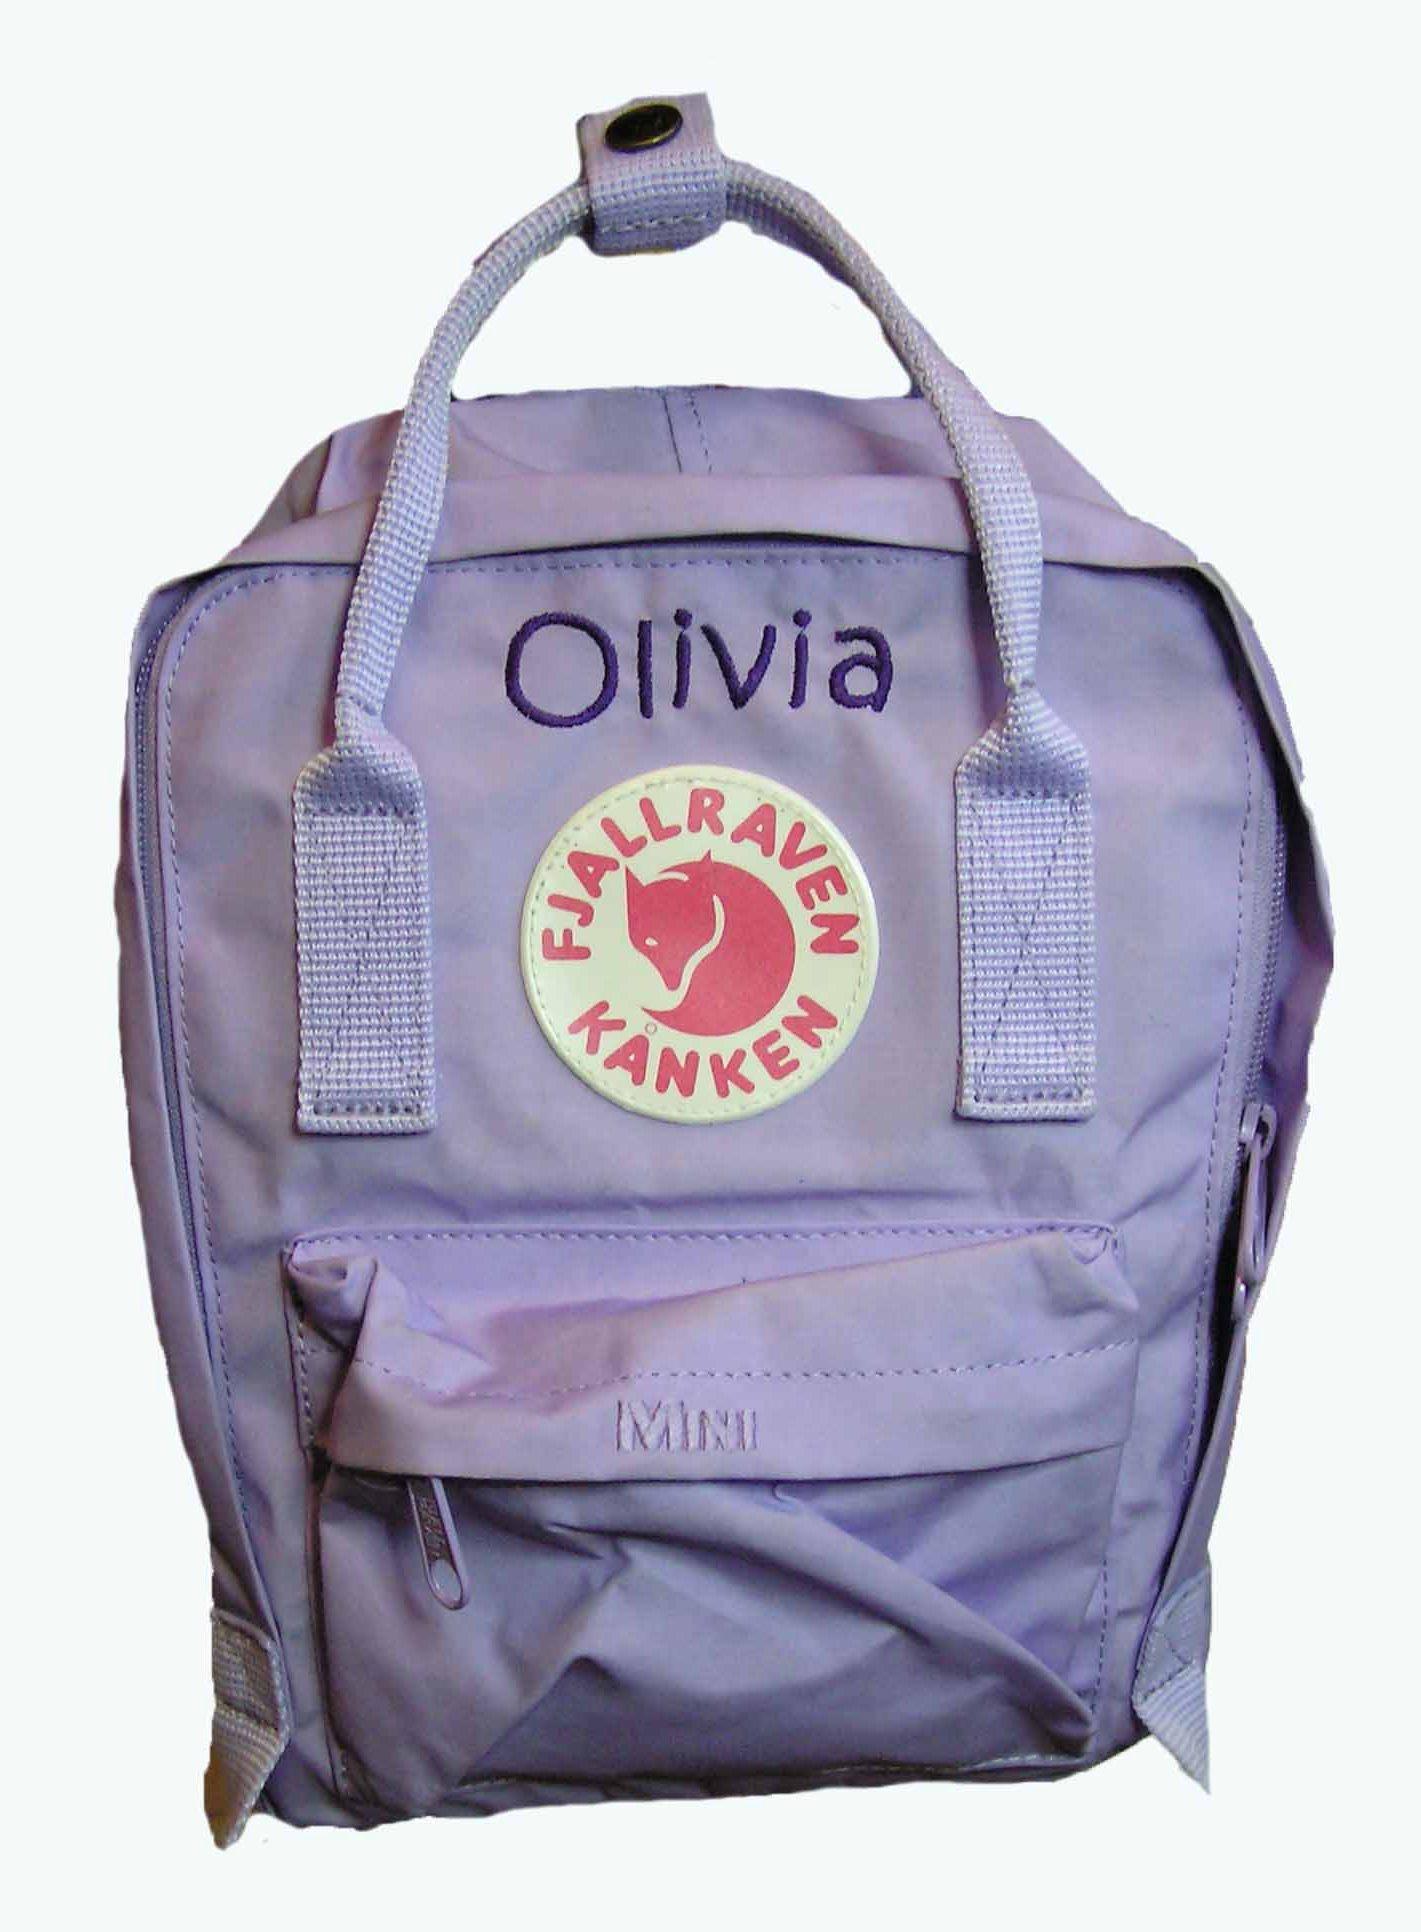 Fjællræven rygsæk med navn - Børnerygsæk - Rygsæk til børn - Taske med navn til børn